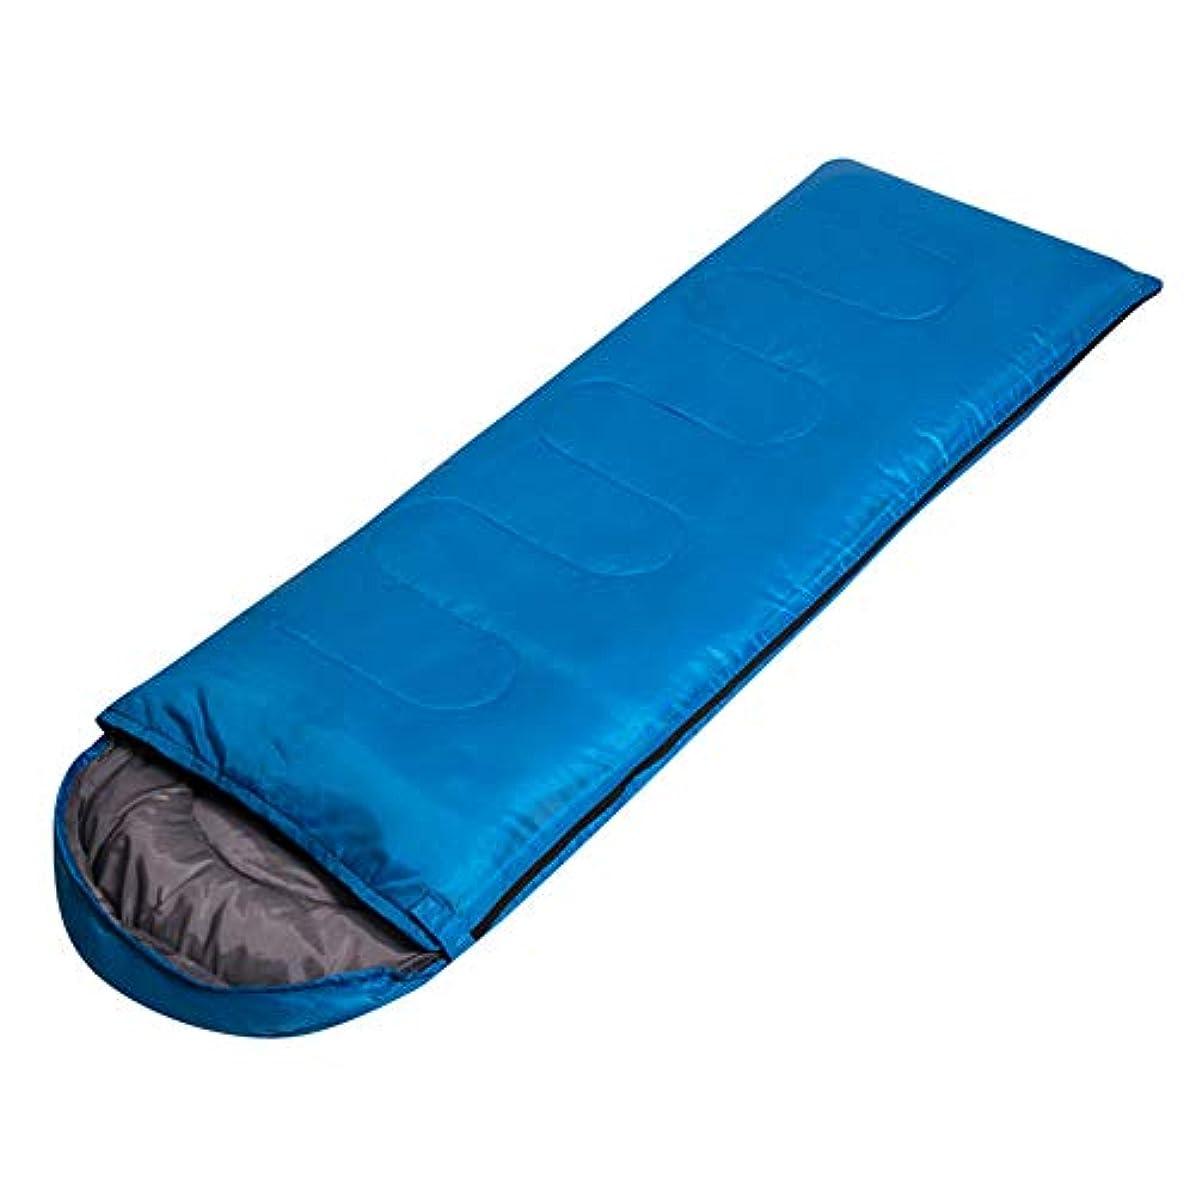 勢い沿って住人Durable,breathable,comfortableスリーピングバッグ、封筒大人の睡眠袋軽量暖かい通気性の睡眠袋屋外屋内昼食休憩スリーピングパッド,blue,70*220CM